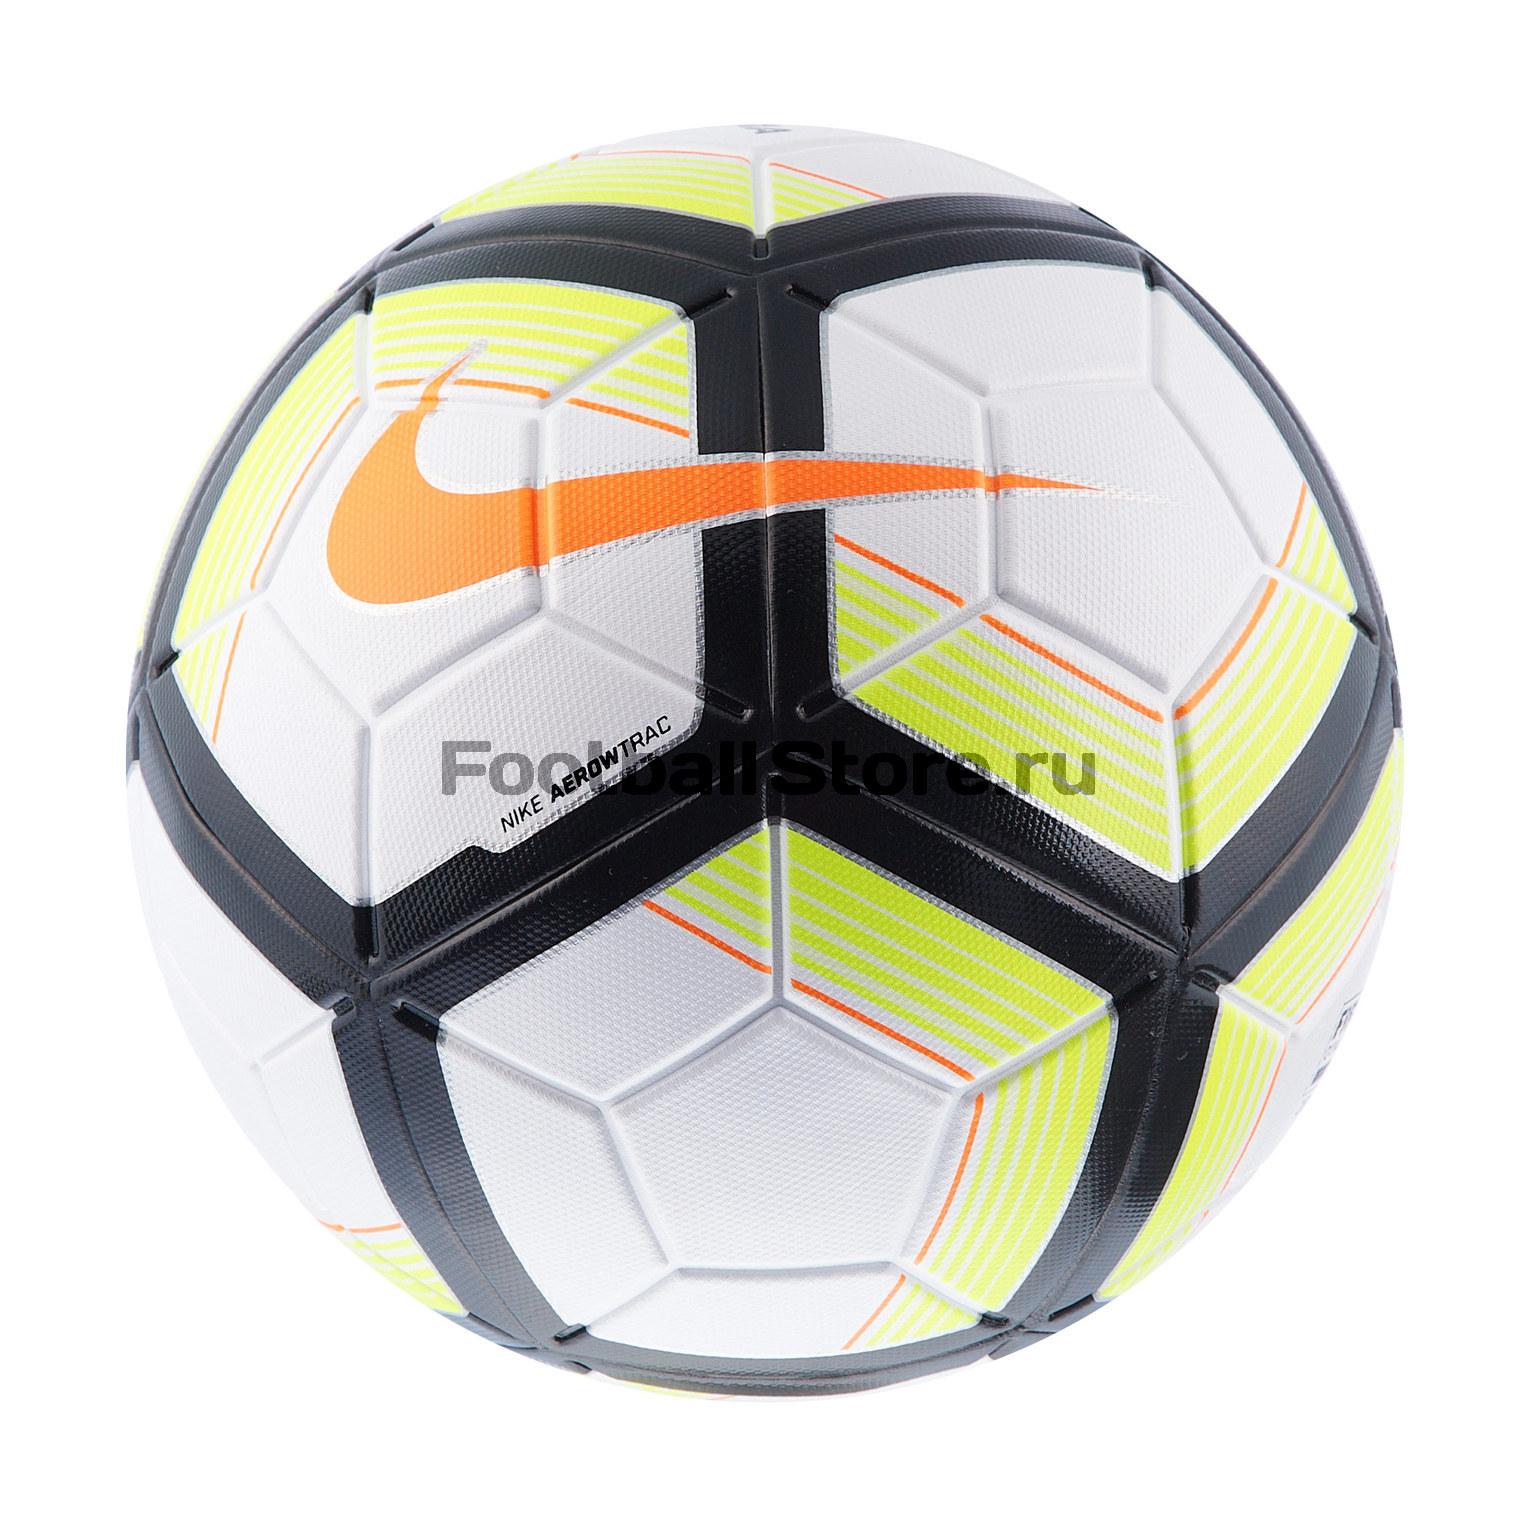 ... Футбольный мяч Nike Team MAGIA (FIFA) SC3253-100. О ТОВАРЕ  РАСЧЕТ  ДОСТАВКИ 9da822f065a7c